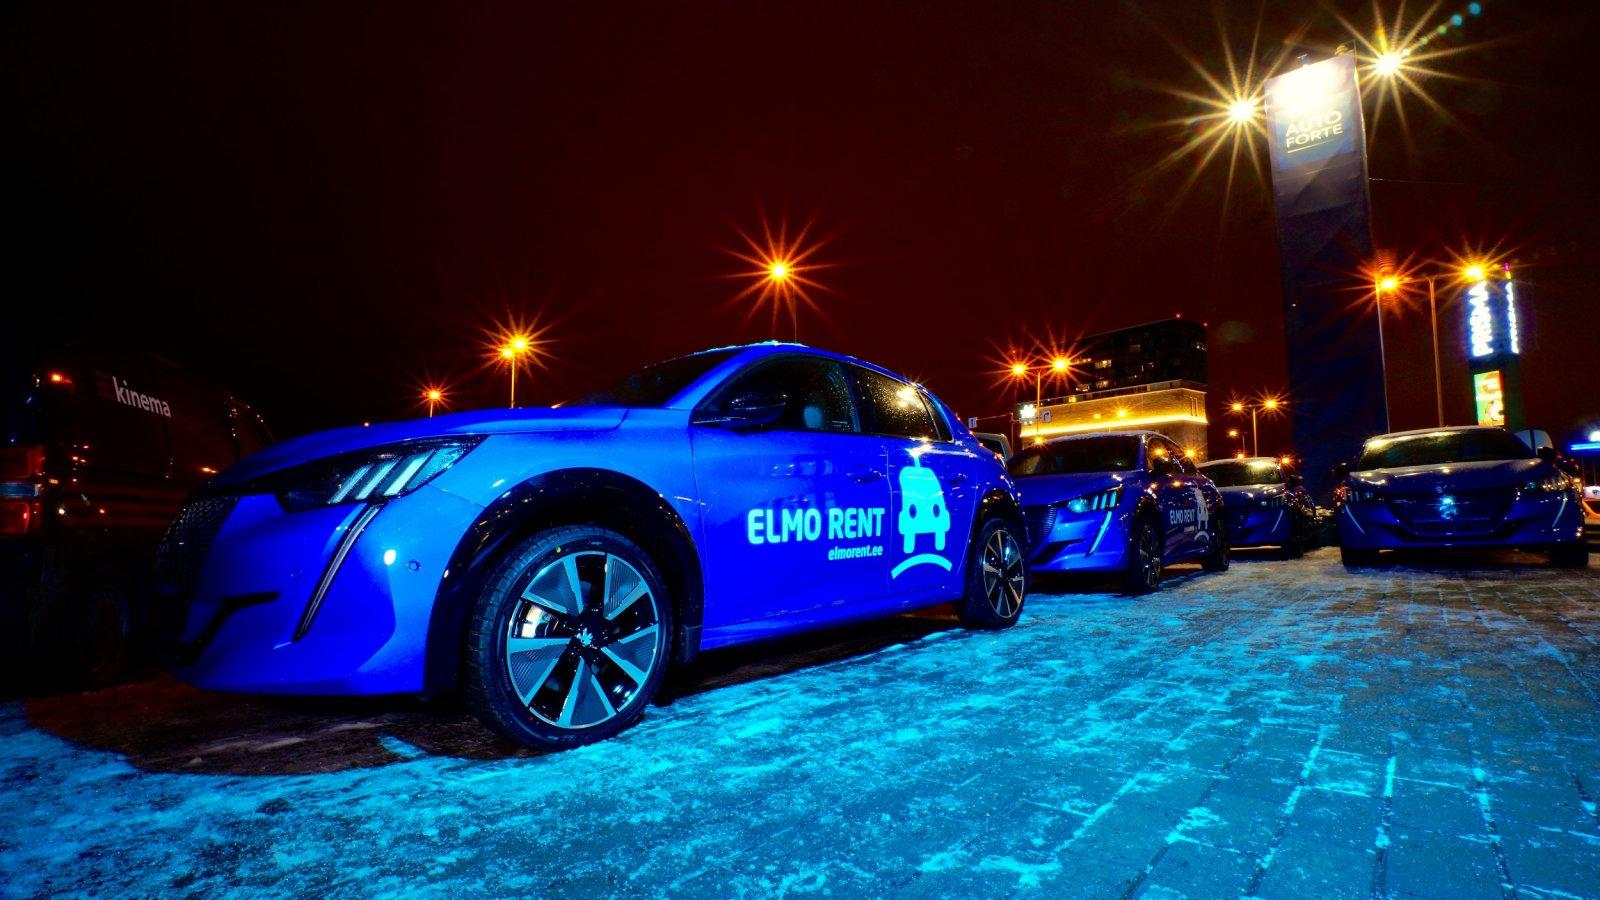 ELMO Rent toob Tallinna ja Tartu tänavatele 15 uut Peugeot elektriautot